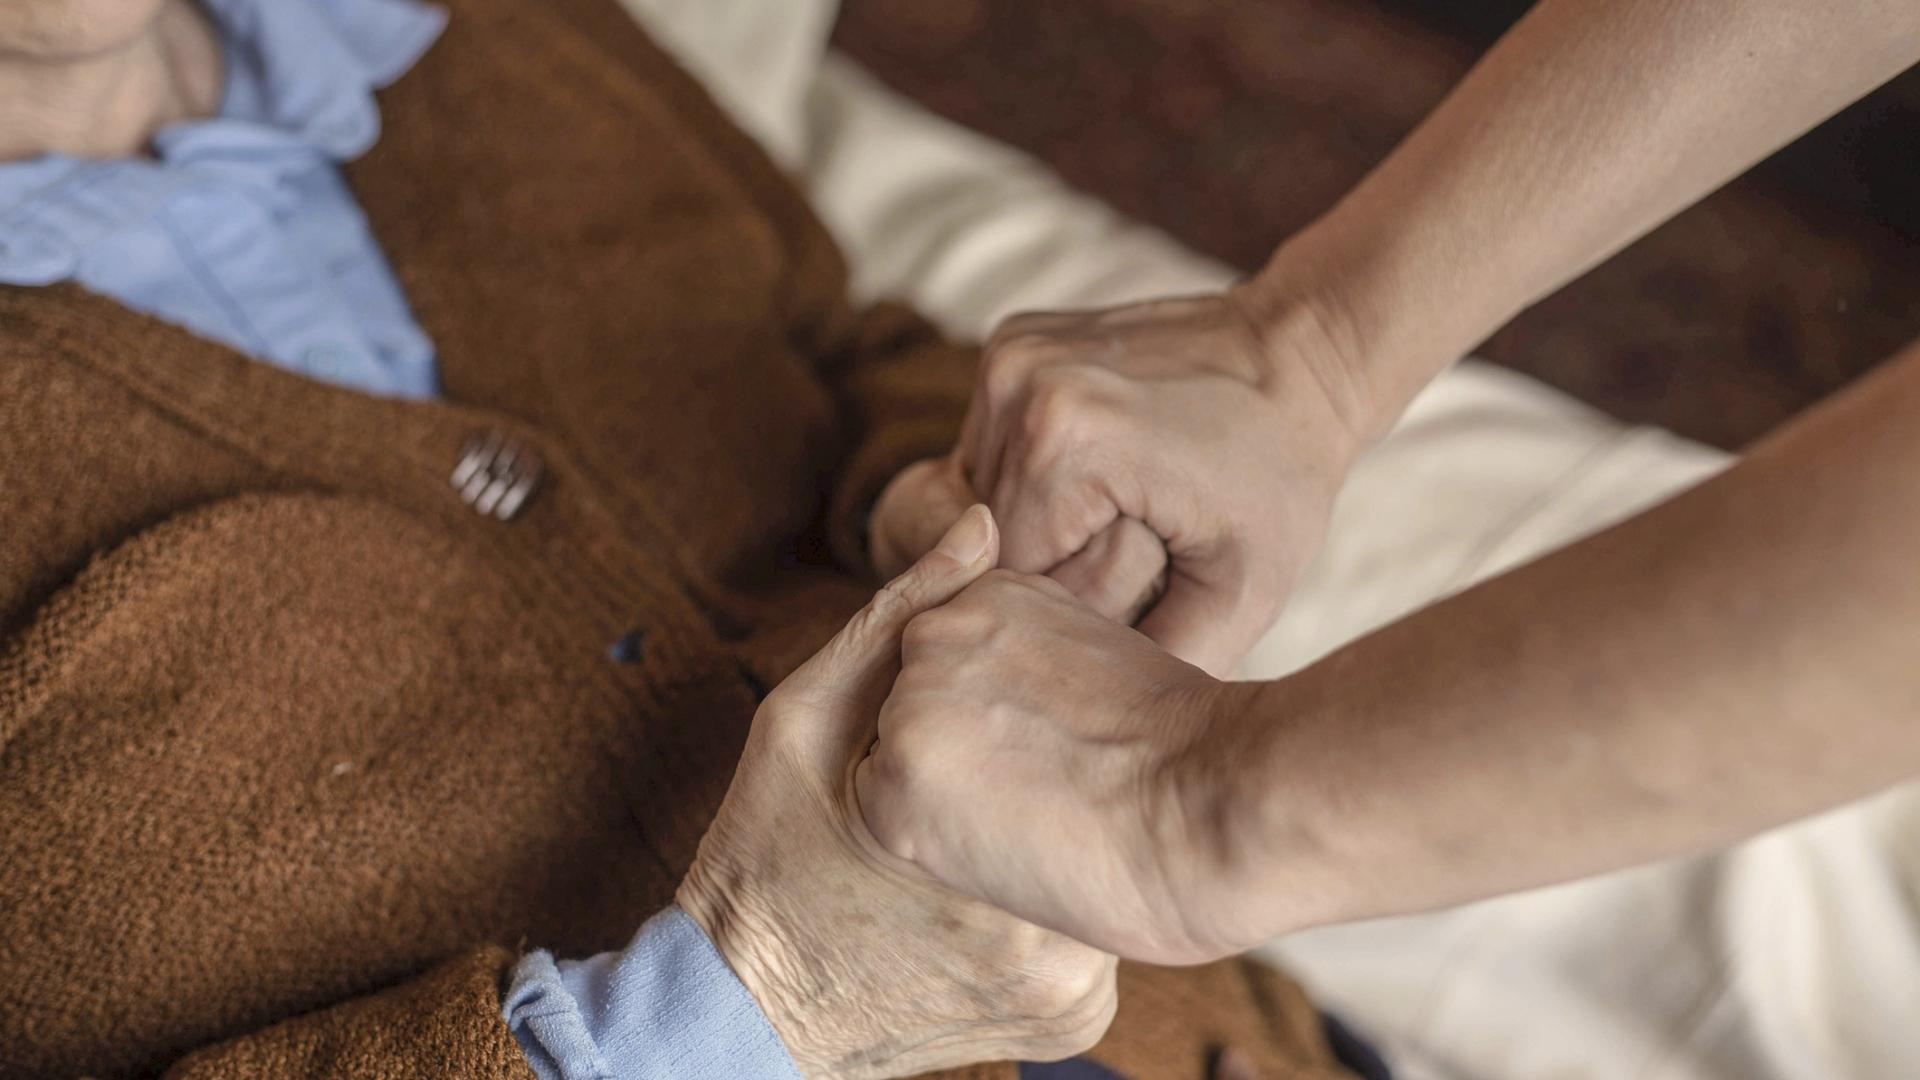 Riikan mummo kuuluu koronaviruksen riskiryhmään. Siksi Riikan on pysyttävä kärryillä uusperheessä liikkuvien lasten muista kontakteista.